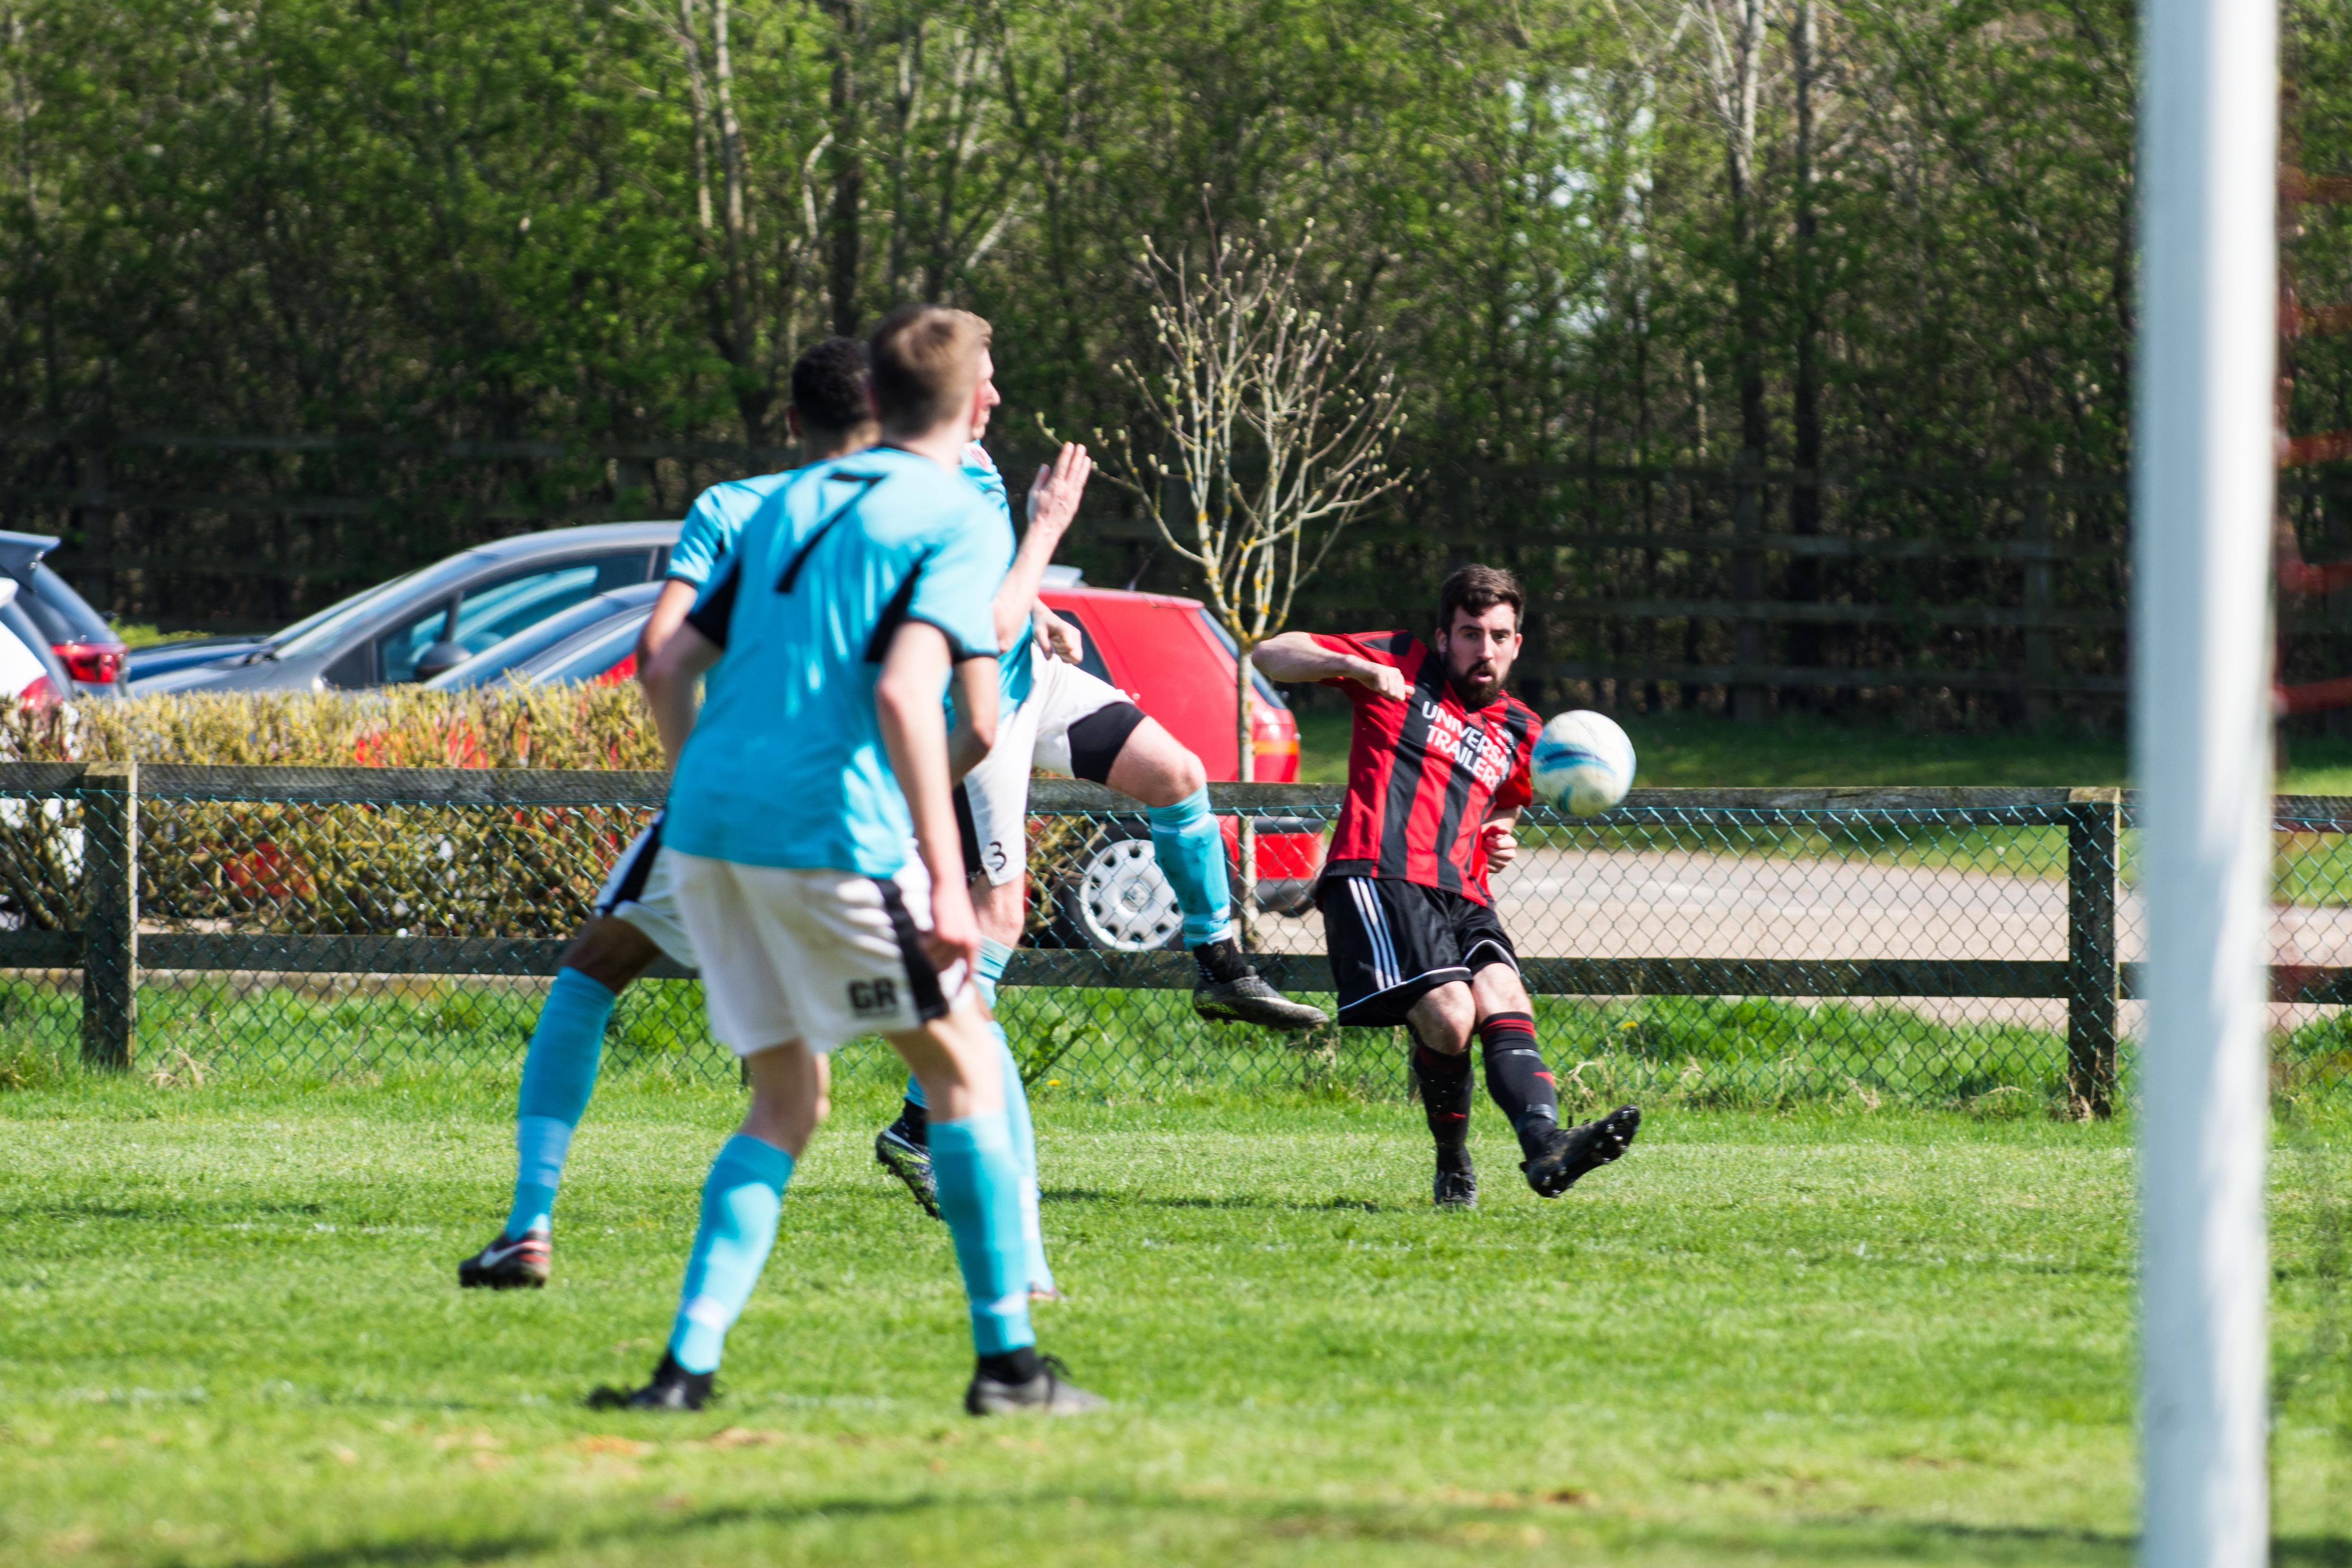 DAVID_JEFFERY Billingshurst FC vs AFC Varndeanians 14.04.18 36